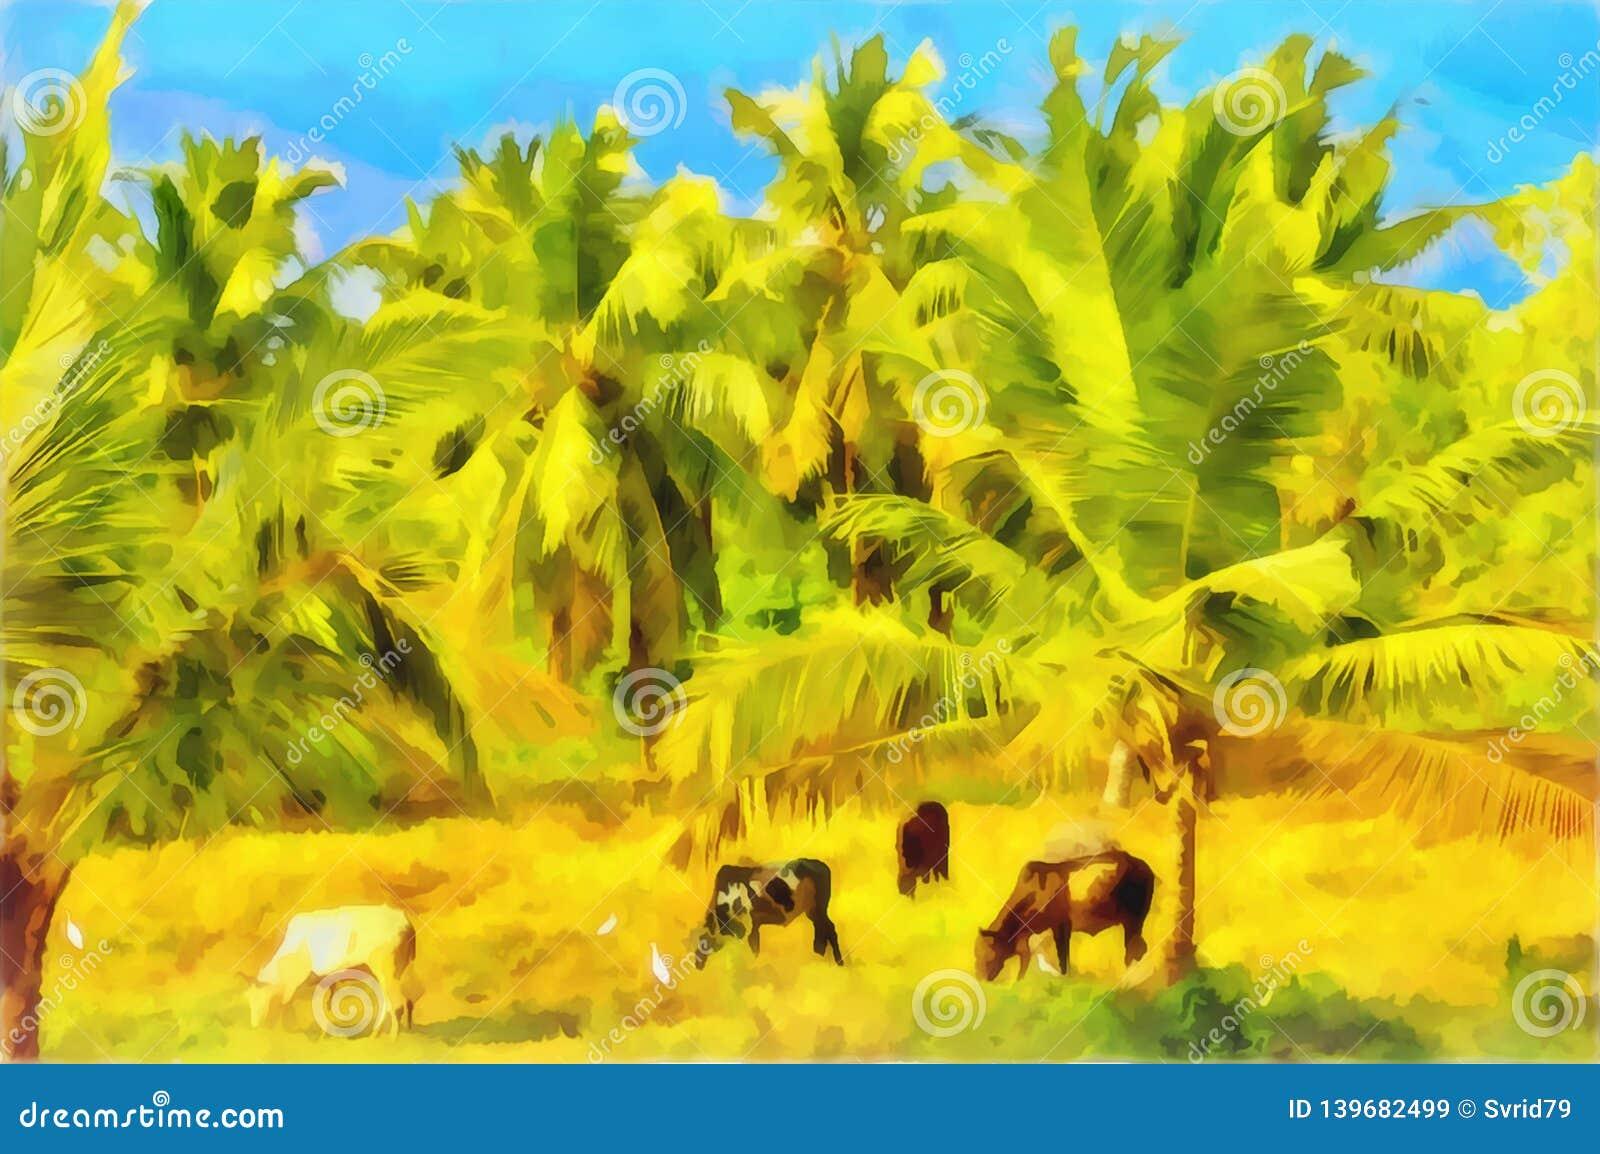 水彩农村风景 印第安村庄